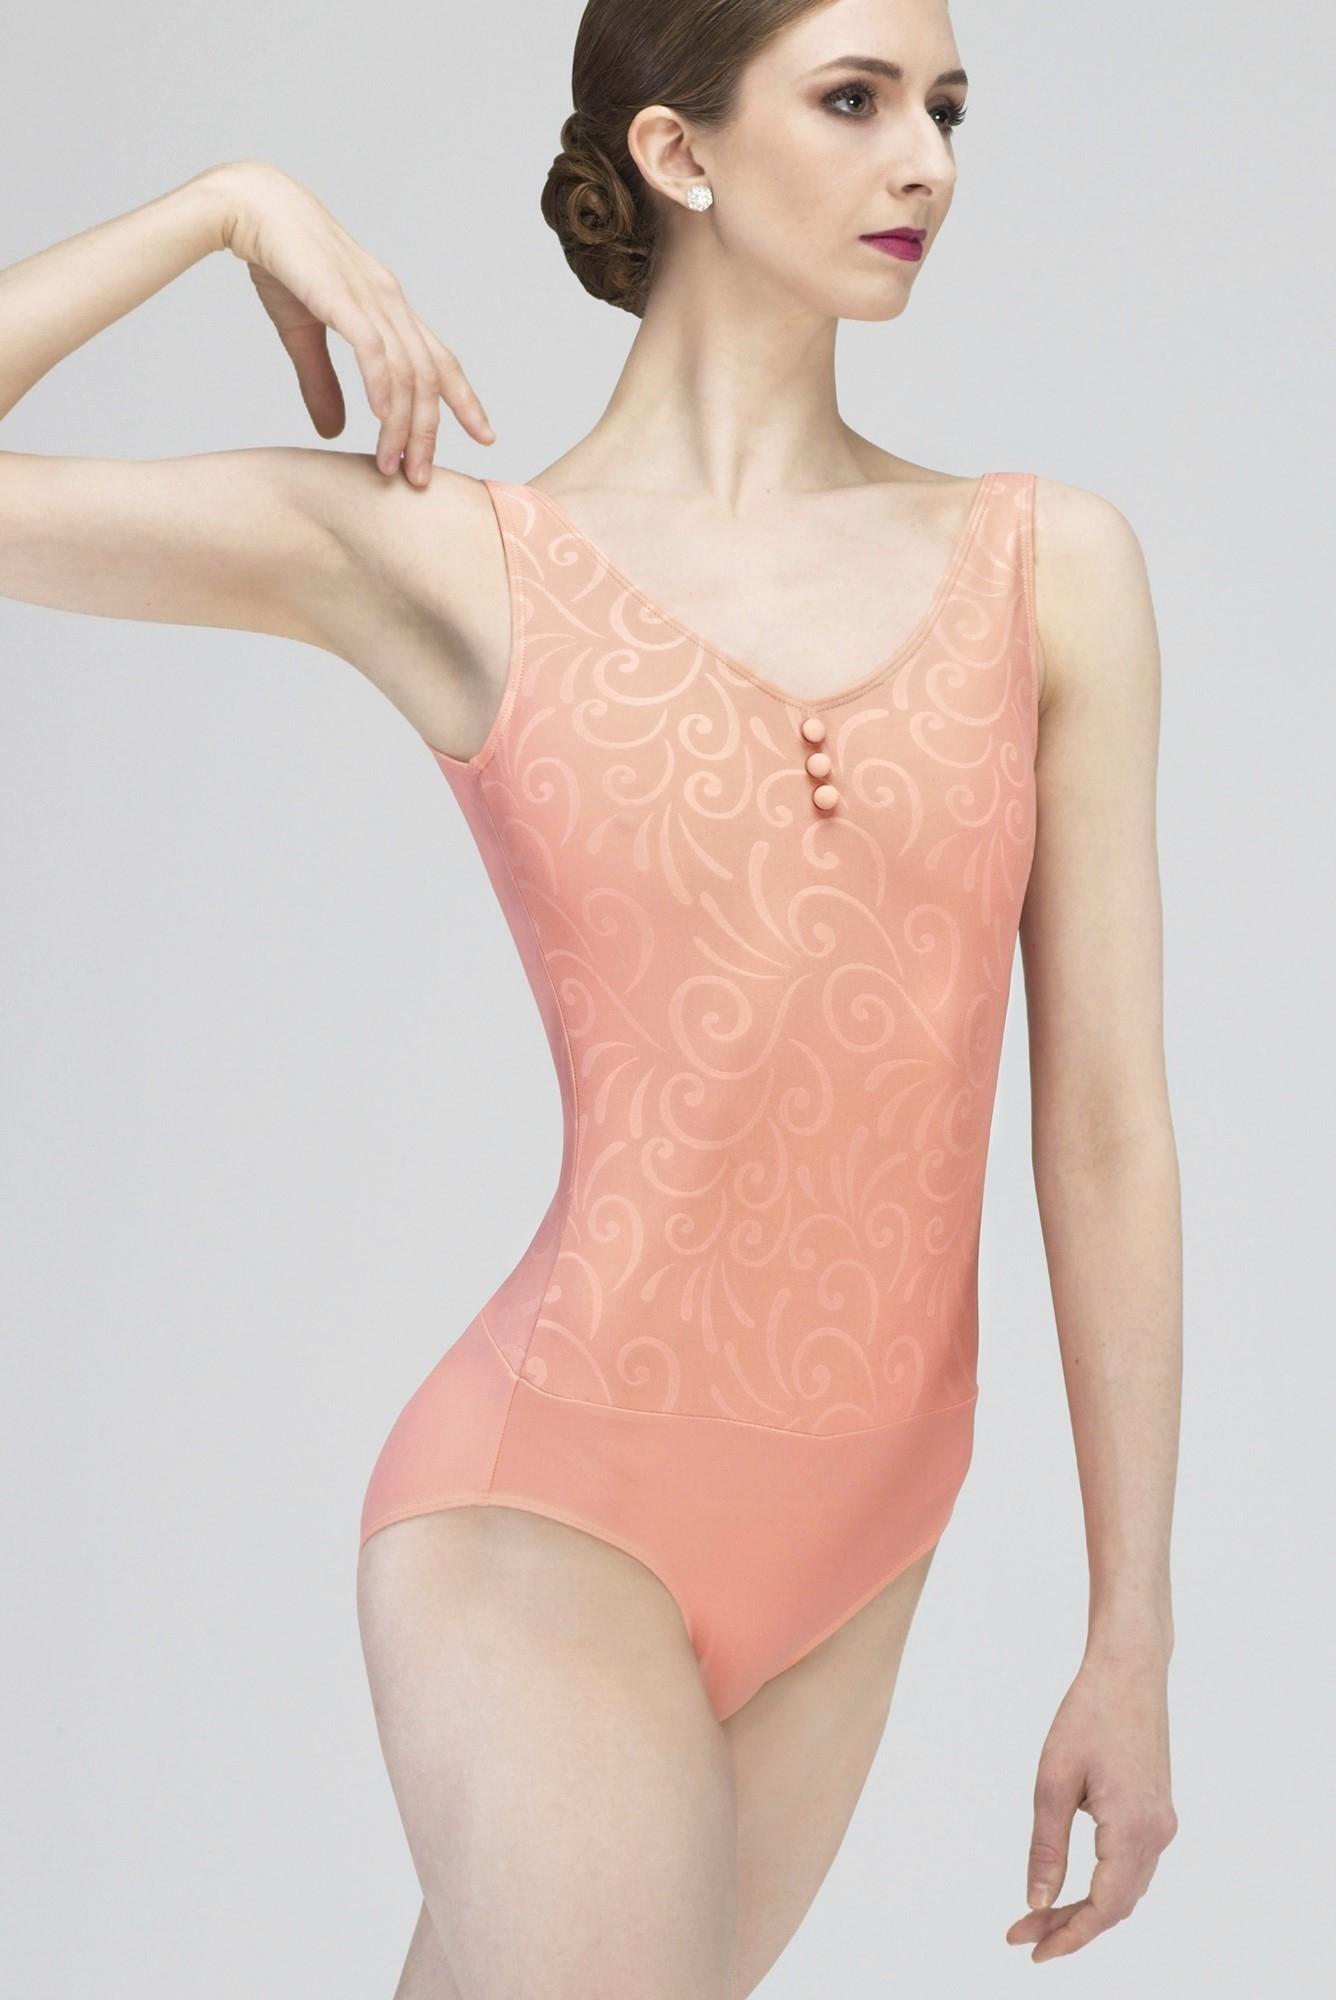 Incas il body WearMoi in microfibra con motivi floreali trasparenti e con profondissimo scollo a V dietro e con linea a V anche  davanti